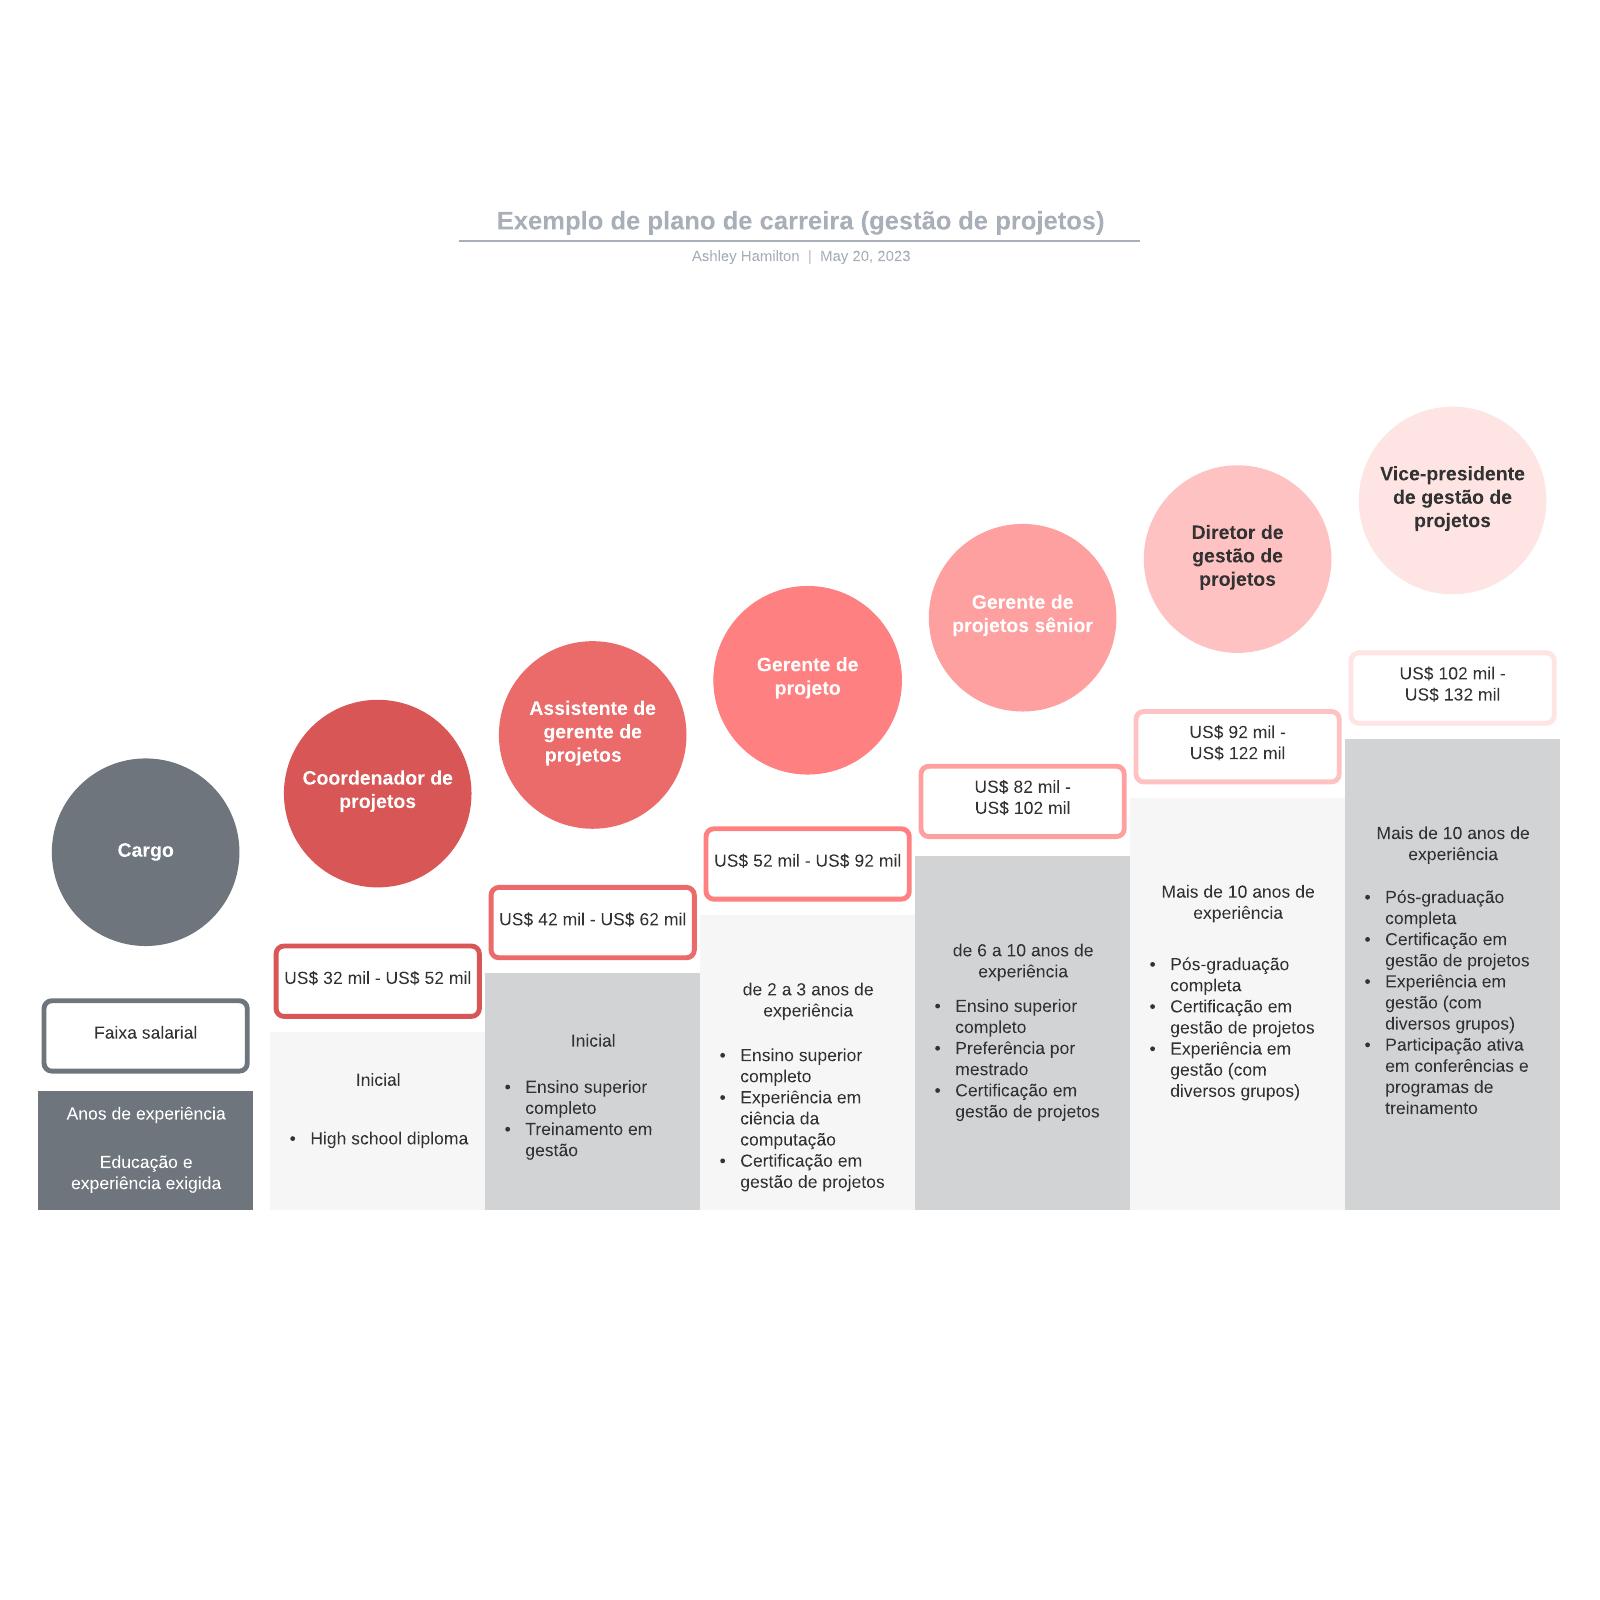 Exemplo de plano de carreira (gestão de projetos)